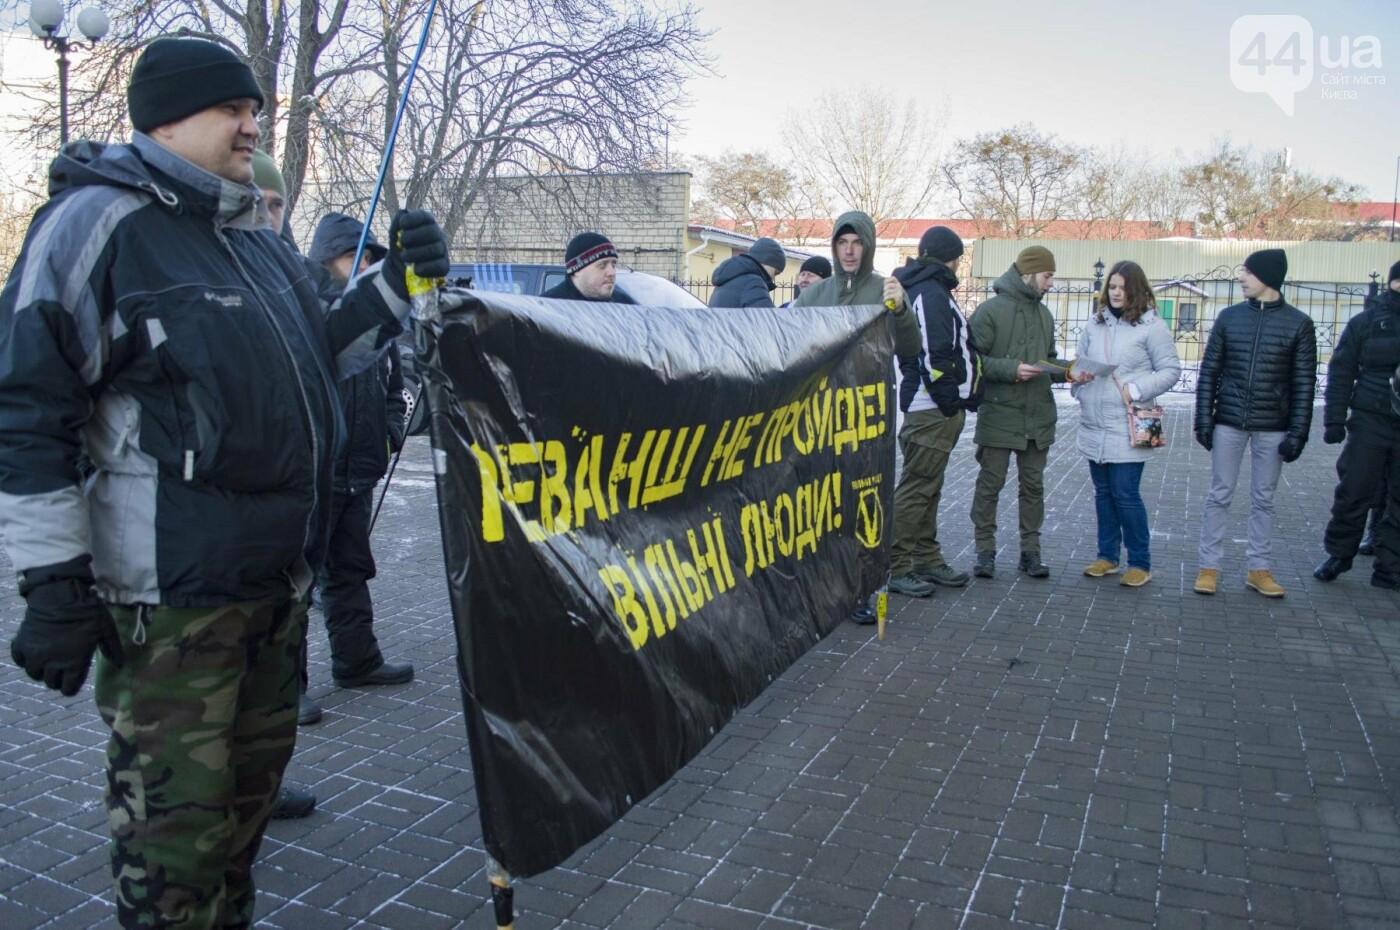 В Киеве прошла акция с требованием уволить ведущую и закрыть телеканал (ФОТО), фото-5